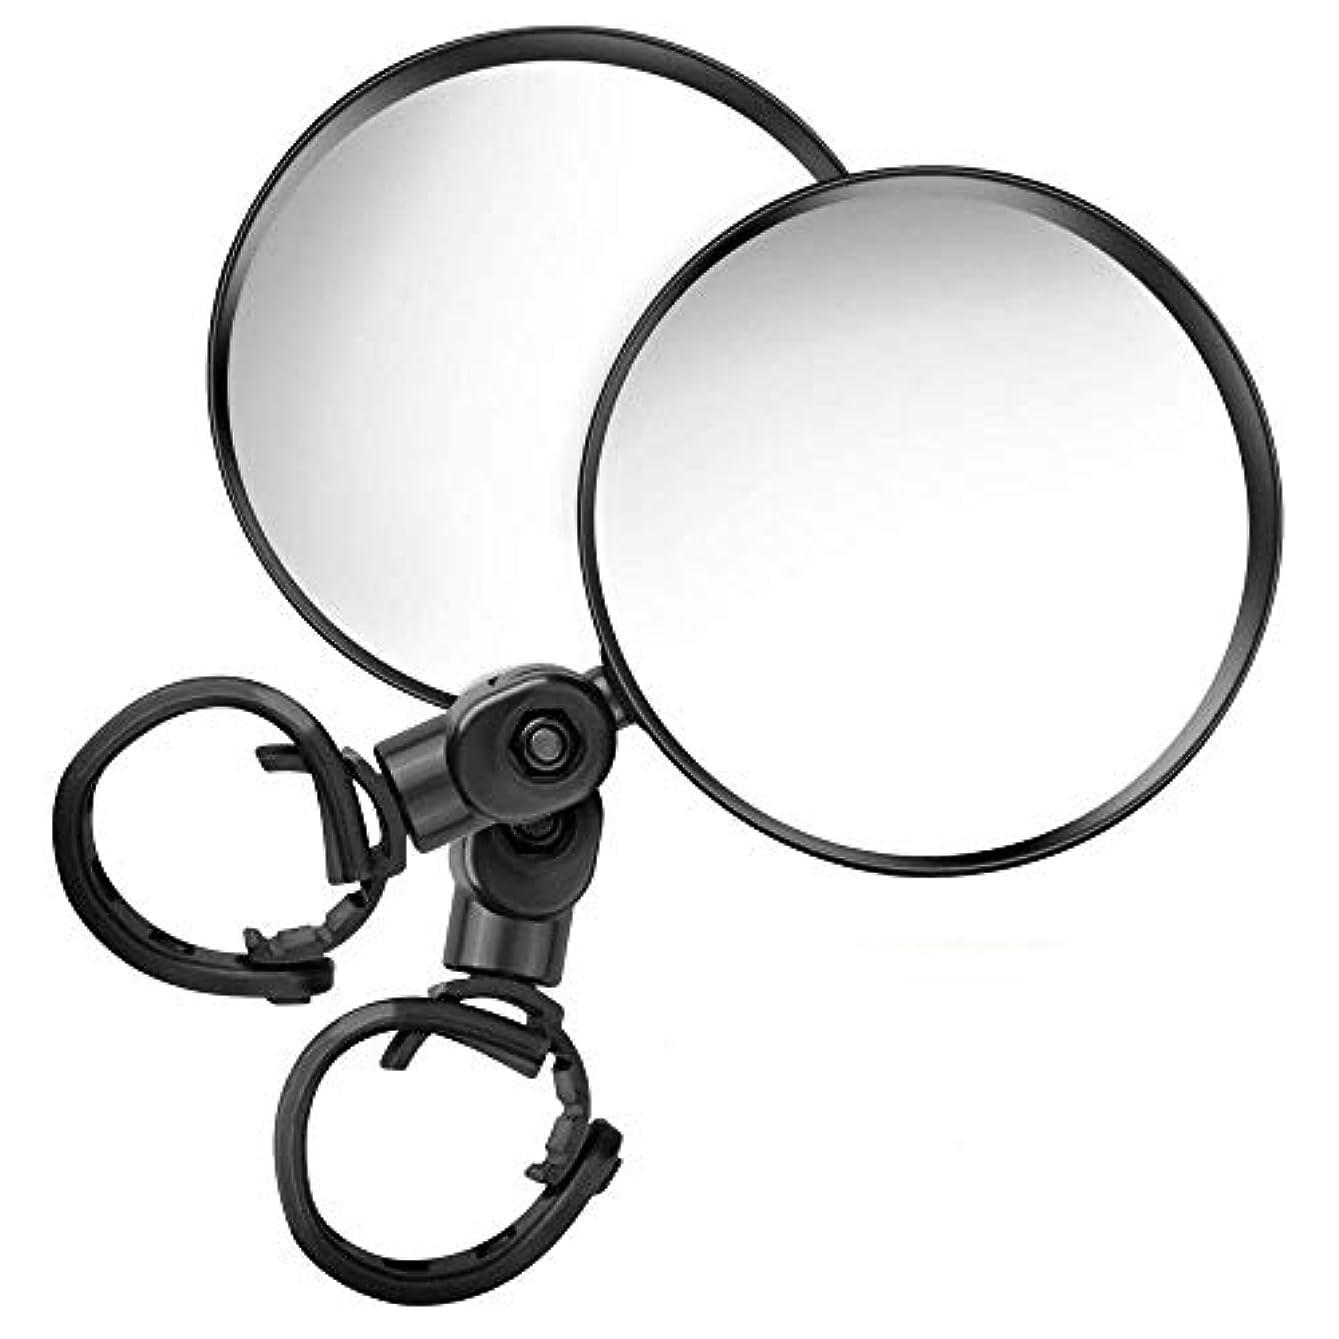 泥だらけ達成する利益サイクリングミラー バイクミラー 360度回転 調節可能 高解像度 丸型 凸面 取り付け簡単 左右兼用 最新進化版 事故防止 広視野角 2個セット ブラック